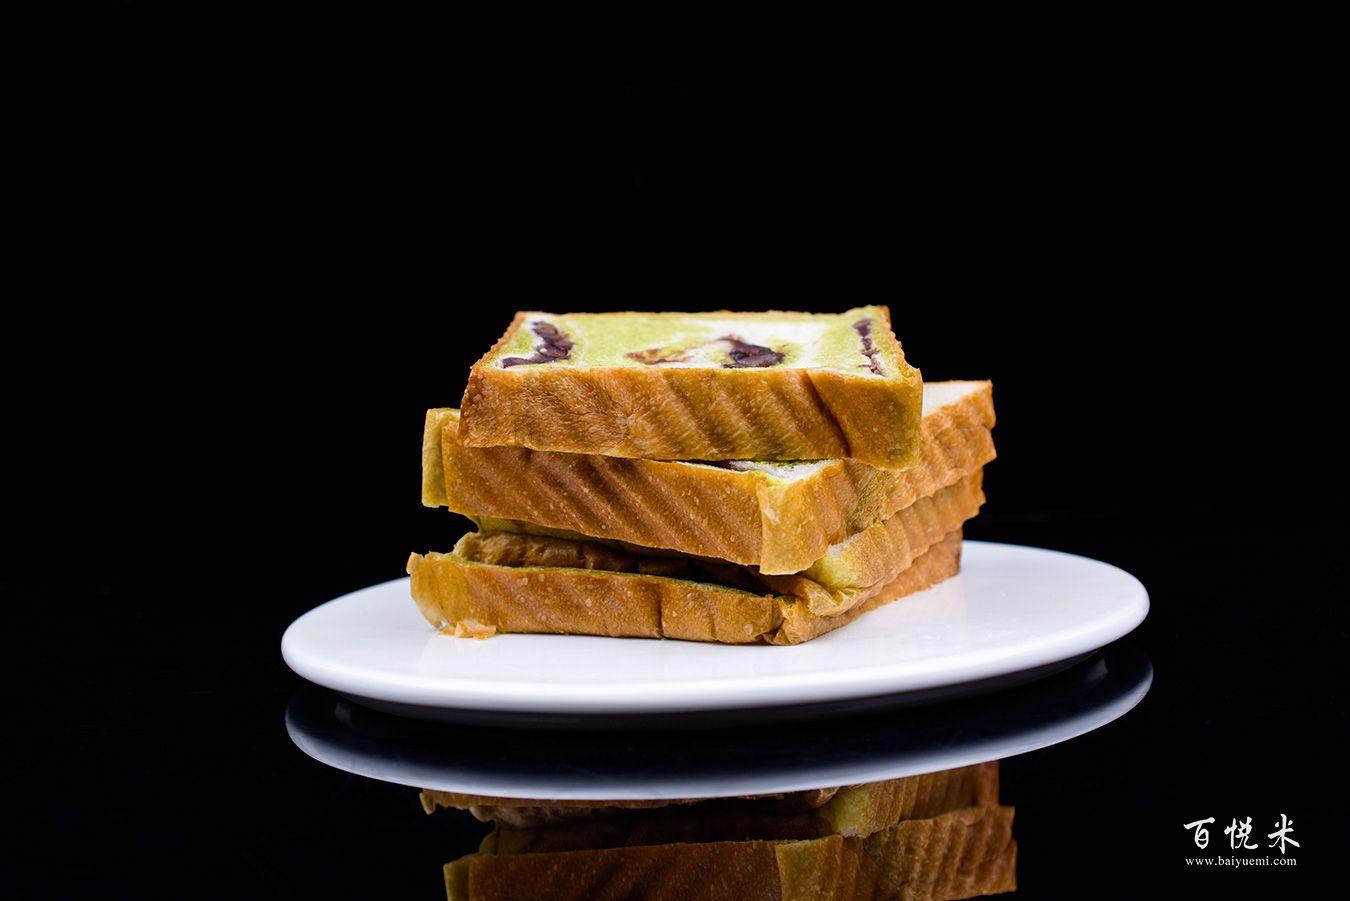 抹茶红豆吐司面包高清图片大全【蛋糕图片】_504